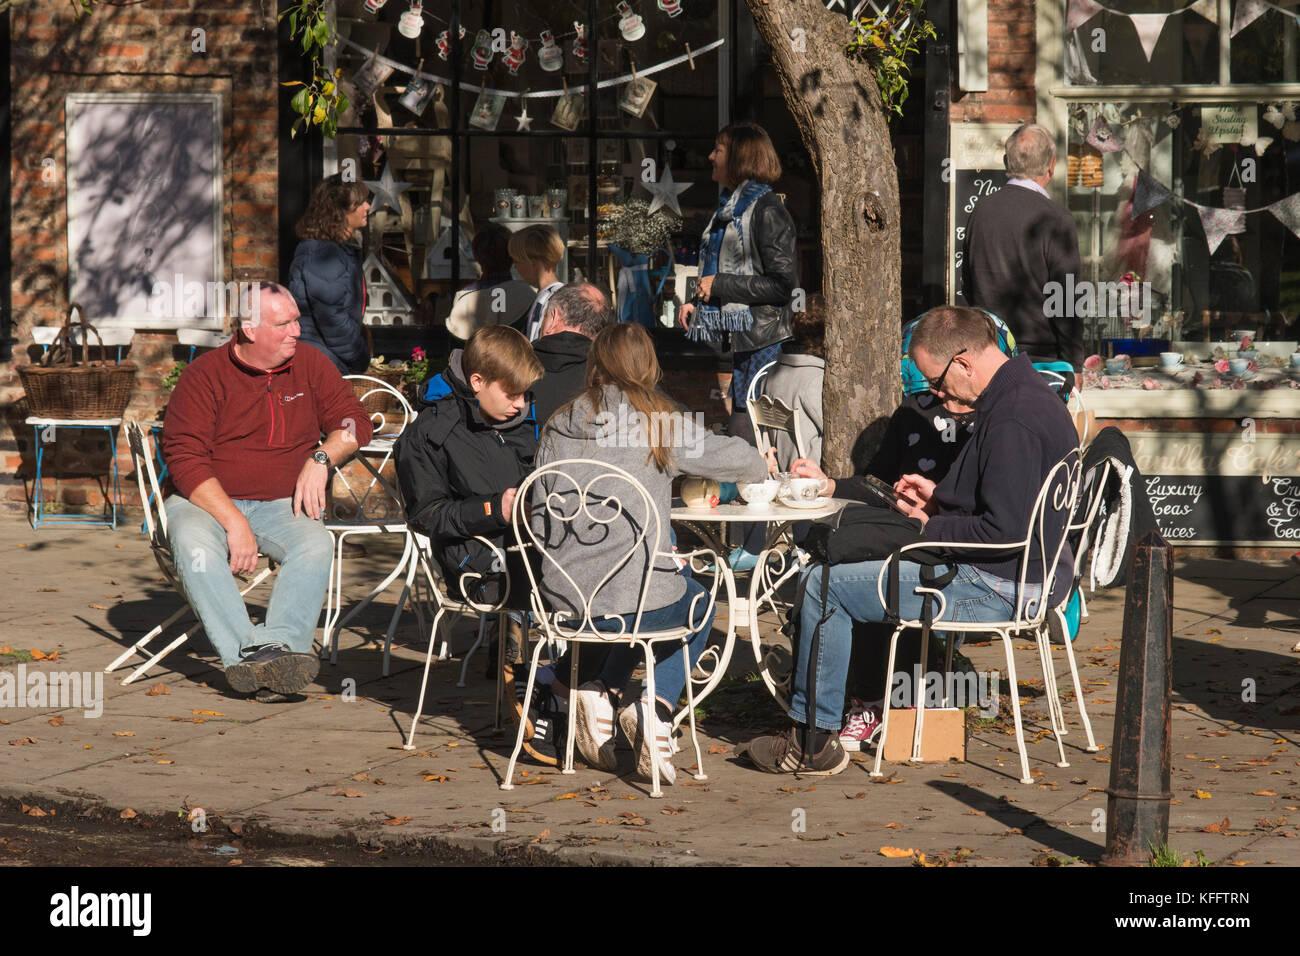 Tables & chaises à l'extérieur d'un café et les gens en vacances profitant de soleil d'automne, s'asseoir, se détendre Banque D'Images